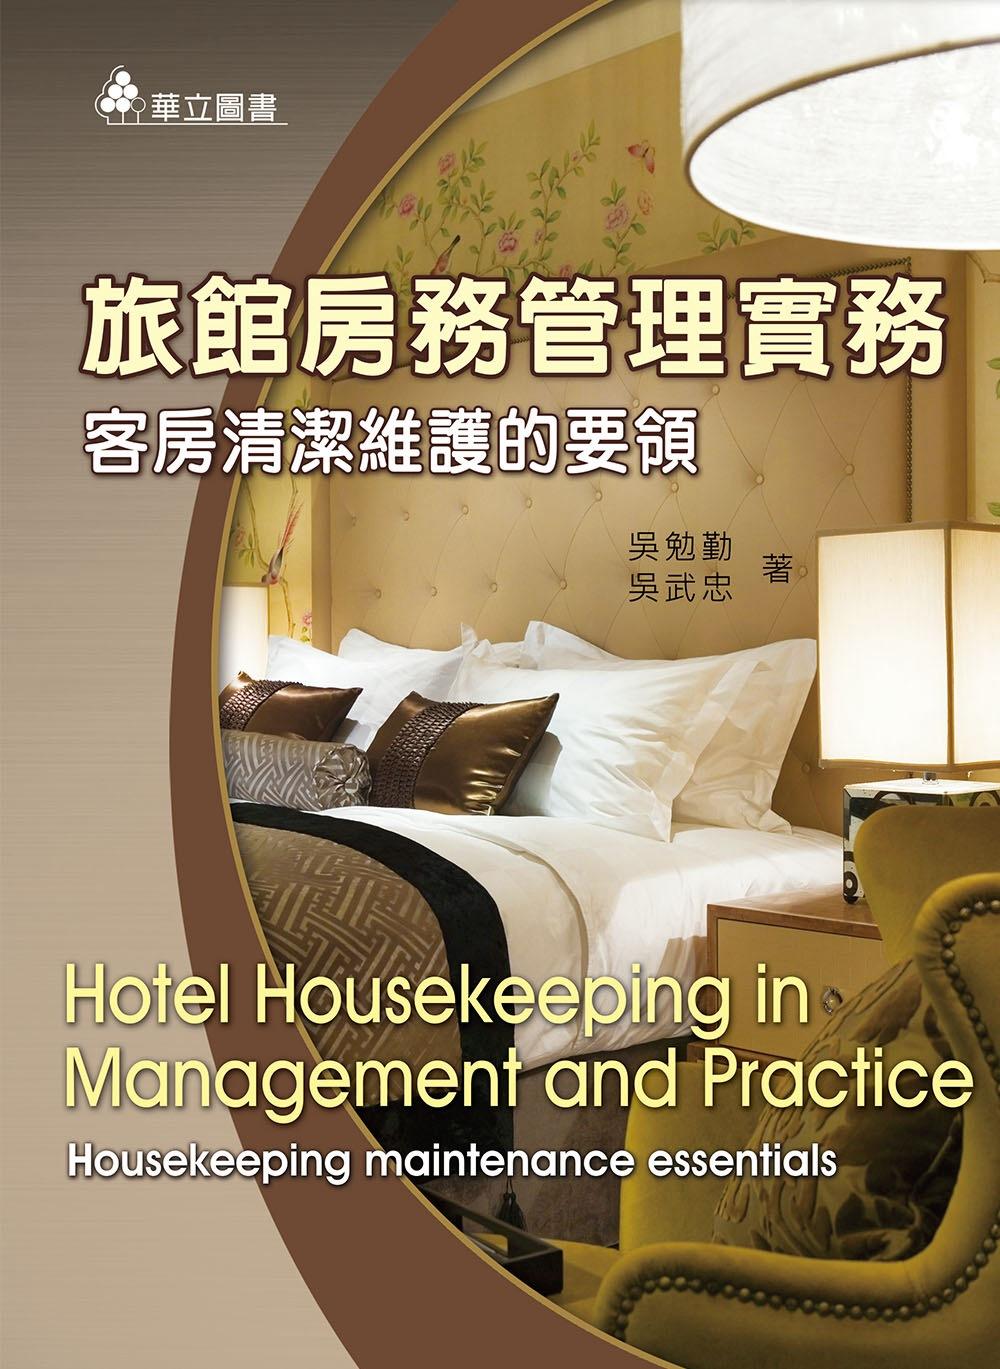 旅館房務管理實務:客房清潔維護的要領(三版)